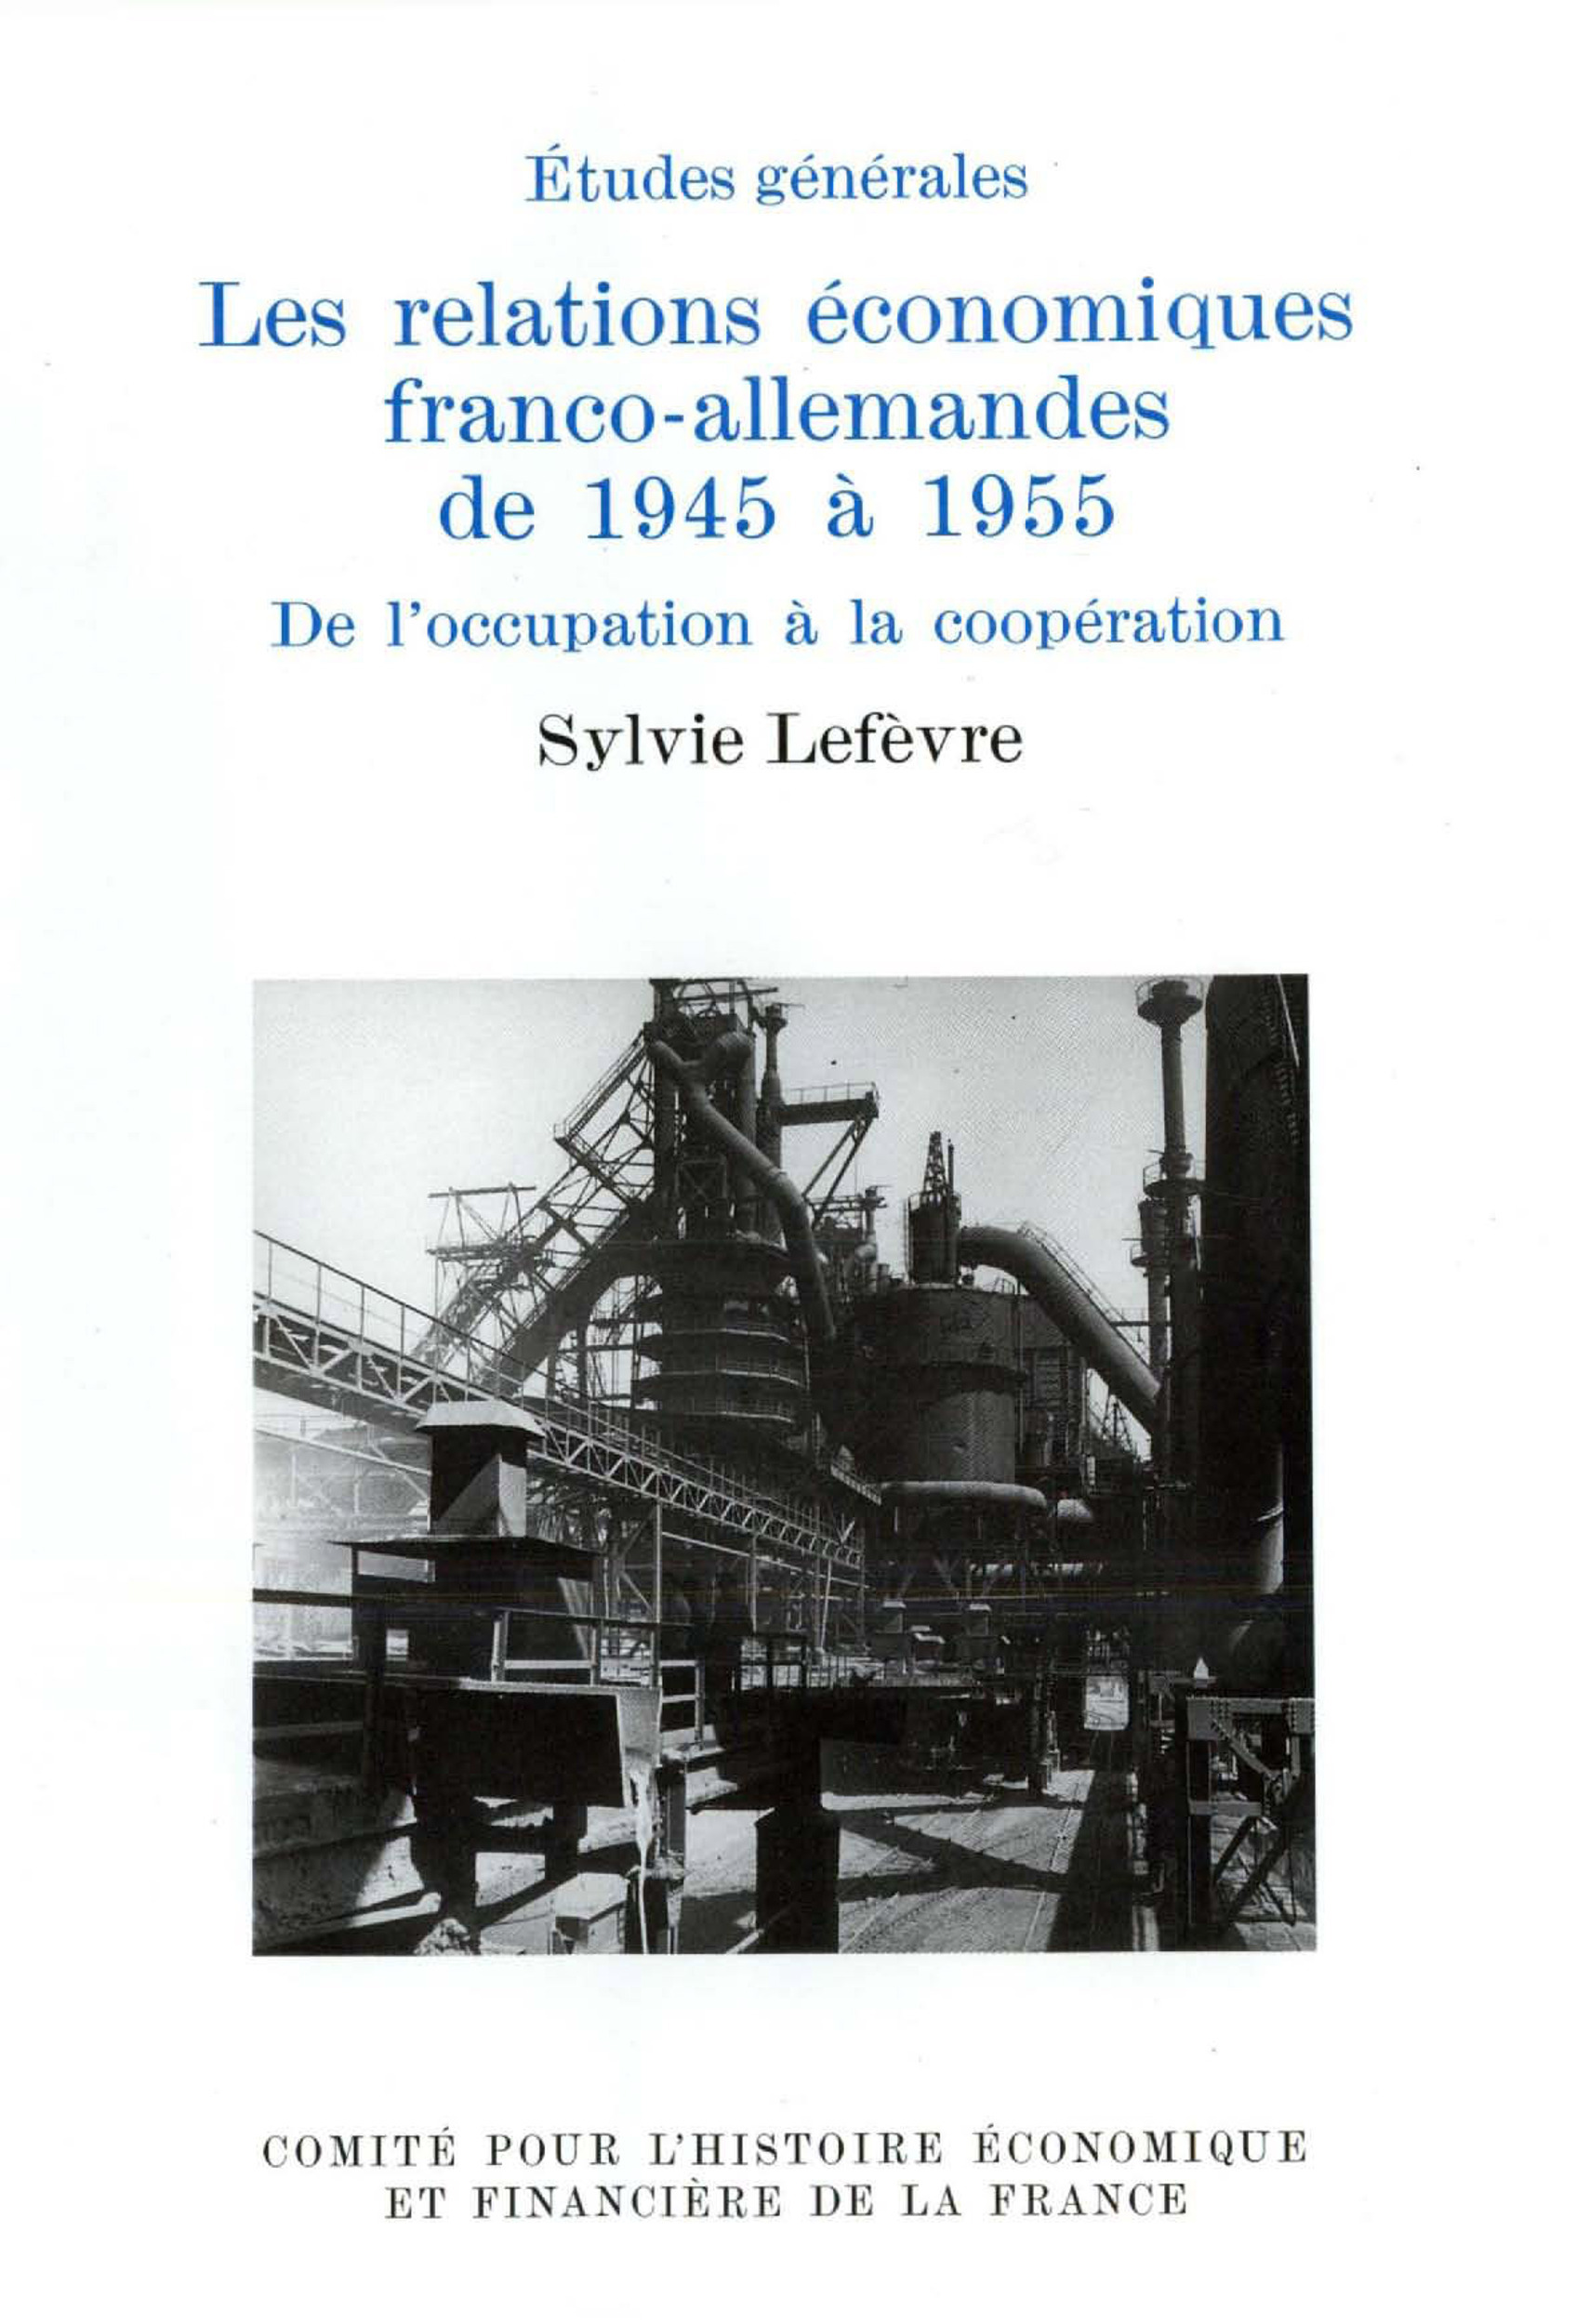 Les relations economiques franco-allemandes de 1945 a 1955. de l'occupation a la